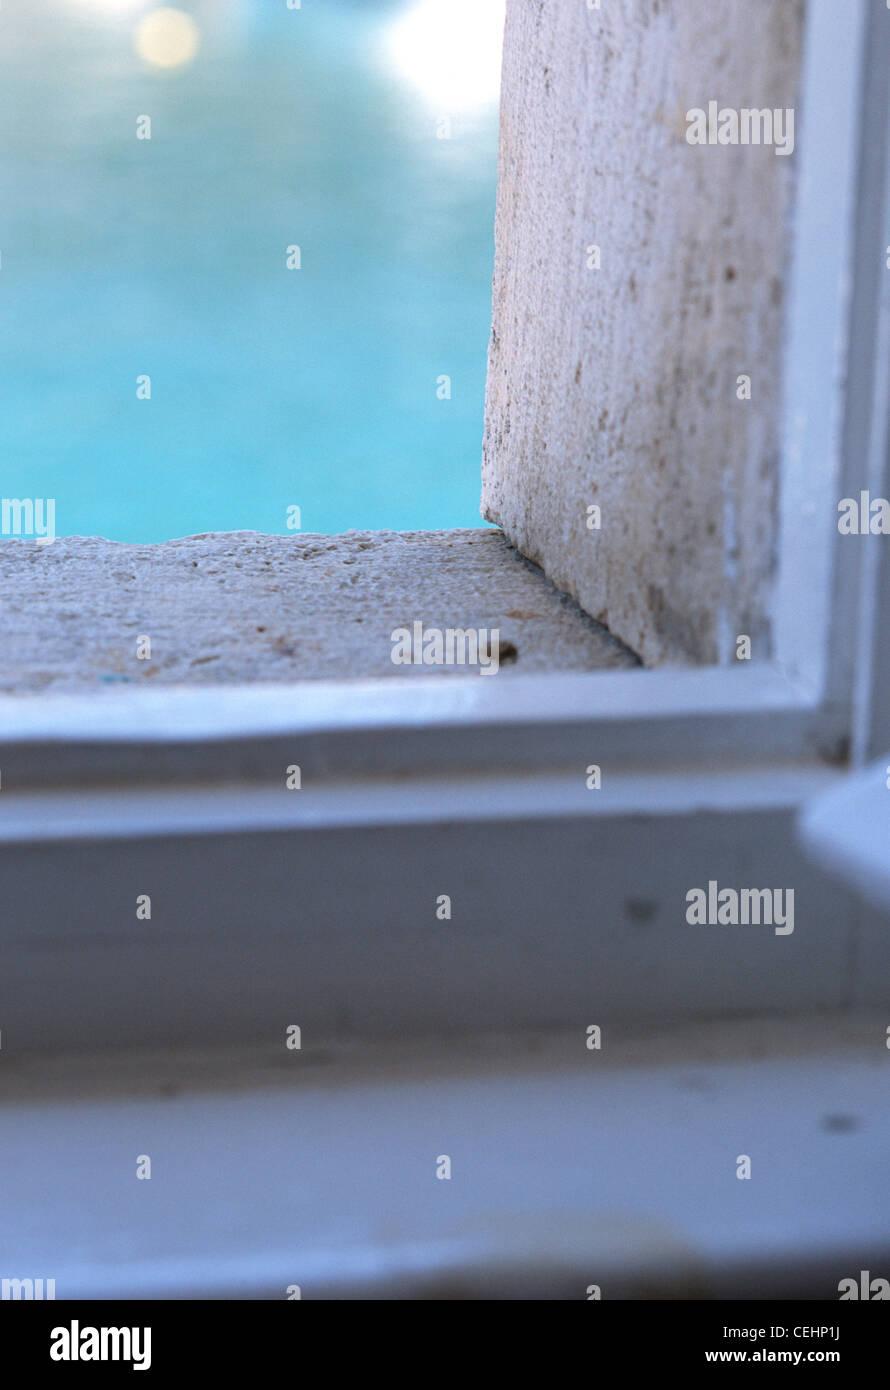 Offenes Fenster Meerblick von einer Wohnung, Komiza, Vis, Kroatien Stockbild